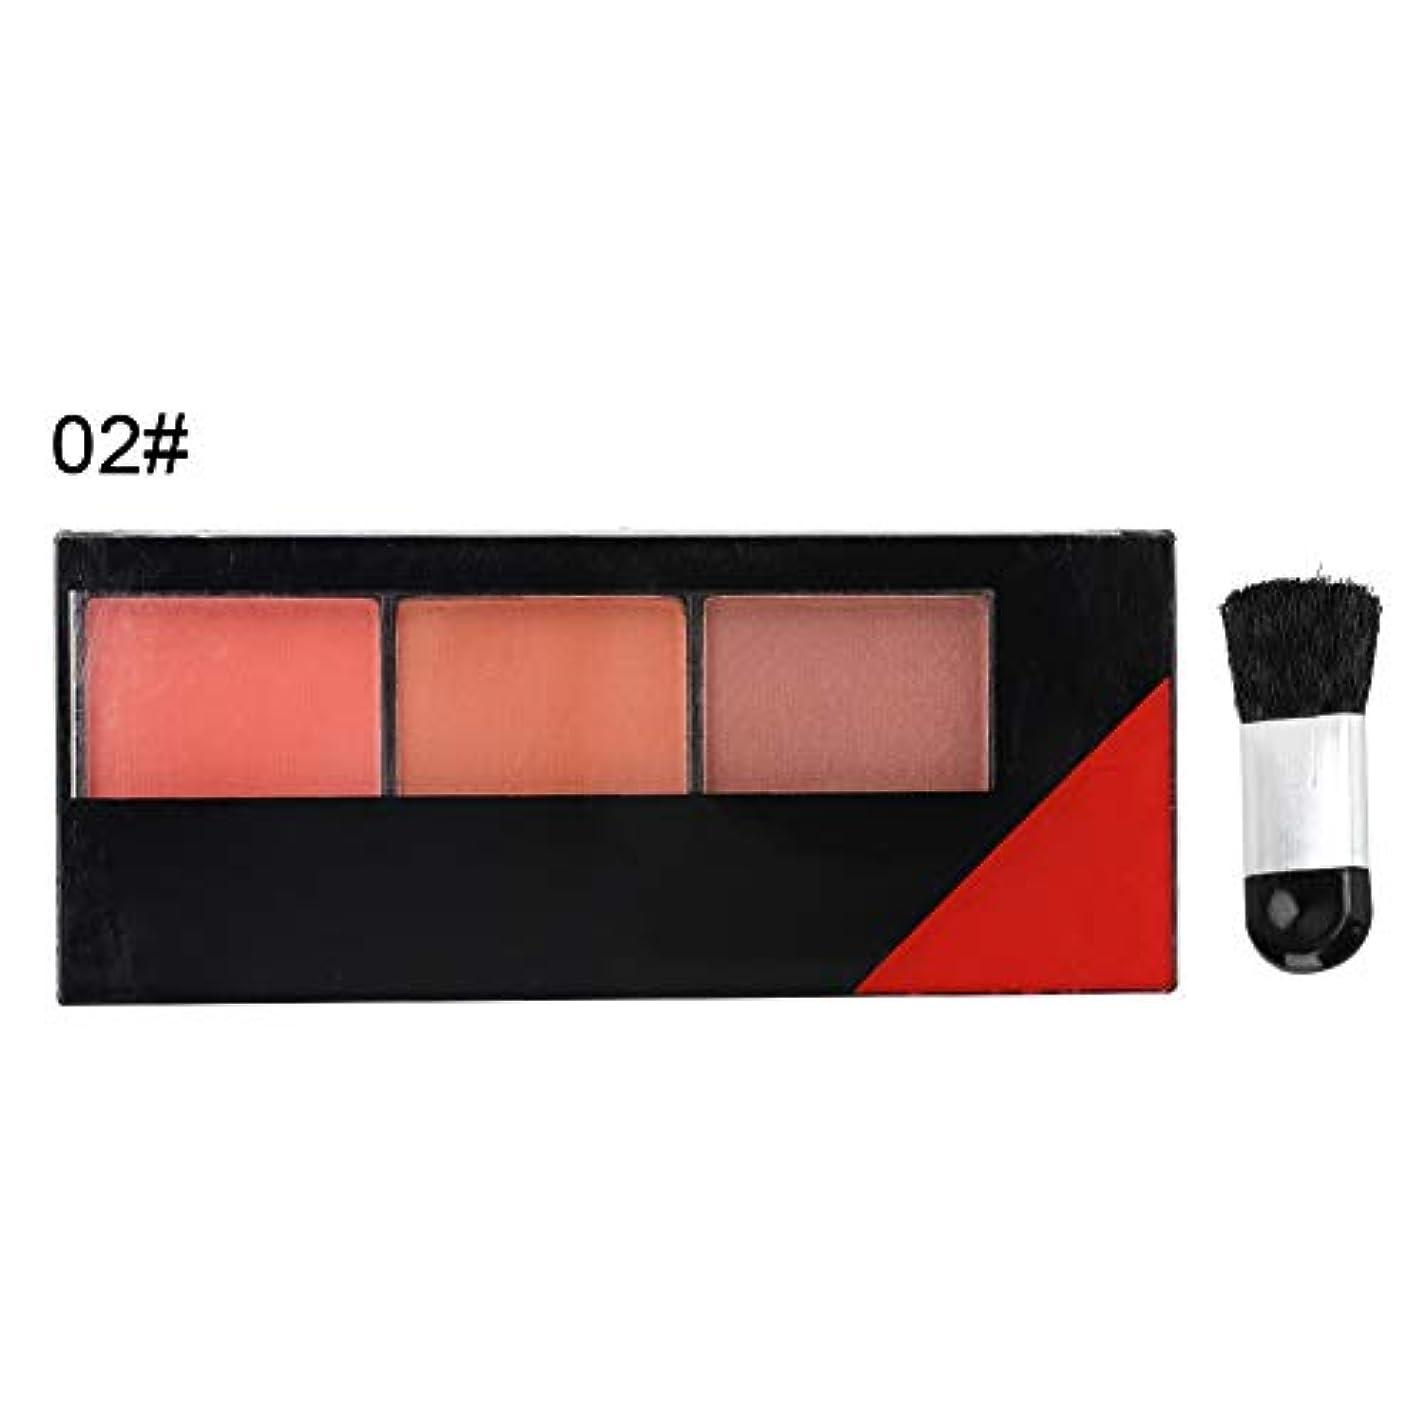 郵便屋さん対応制約3色フェイスメイクアップブラッシャー ハイドレイティングプリティフェアリープレスパウダー化粧品(02)